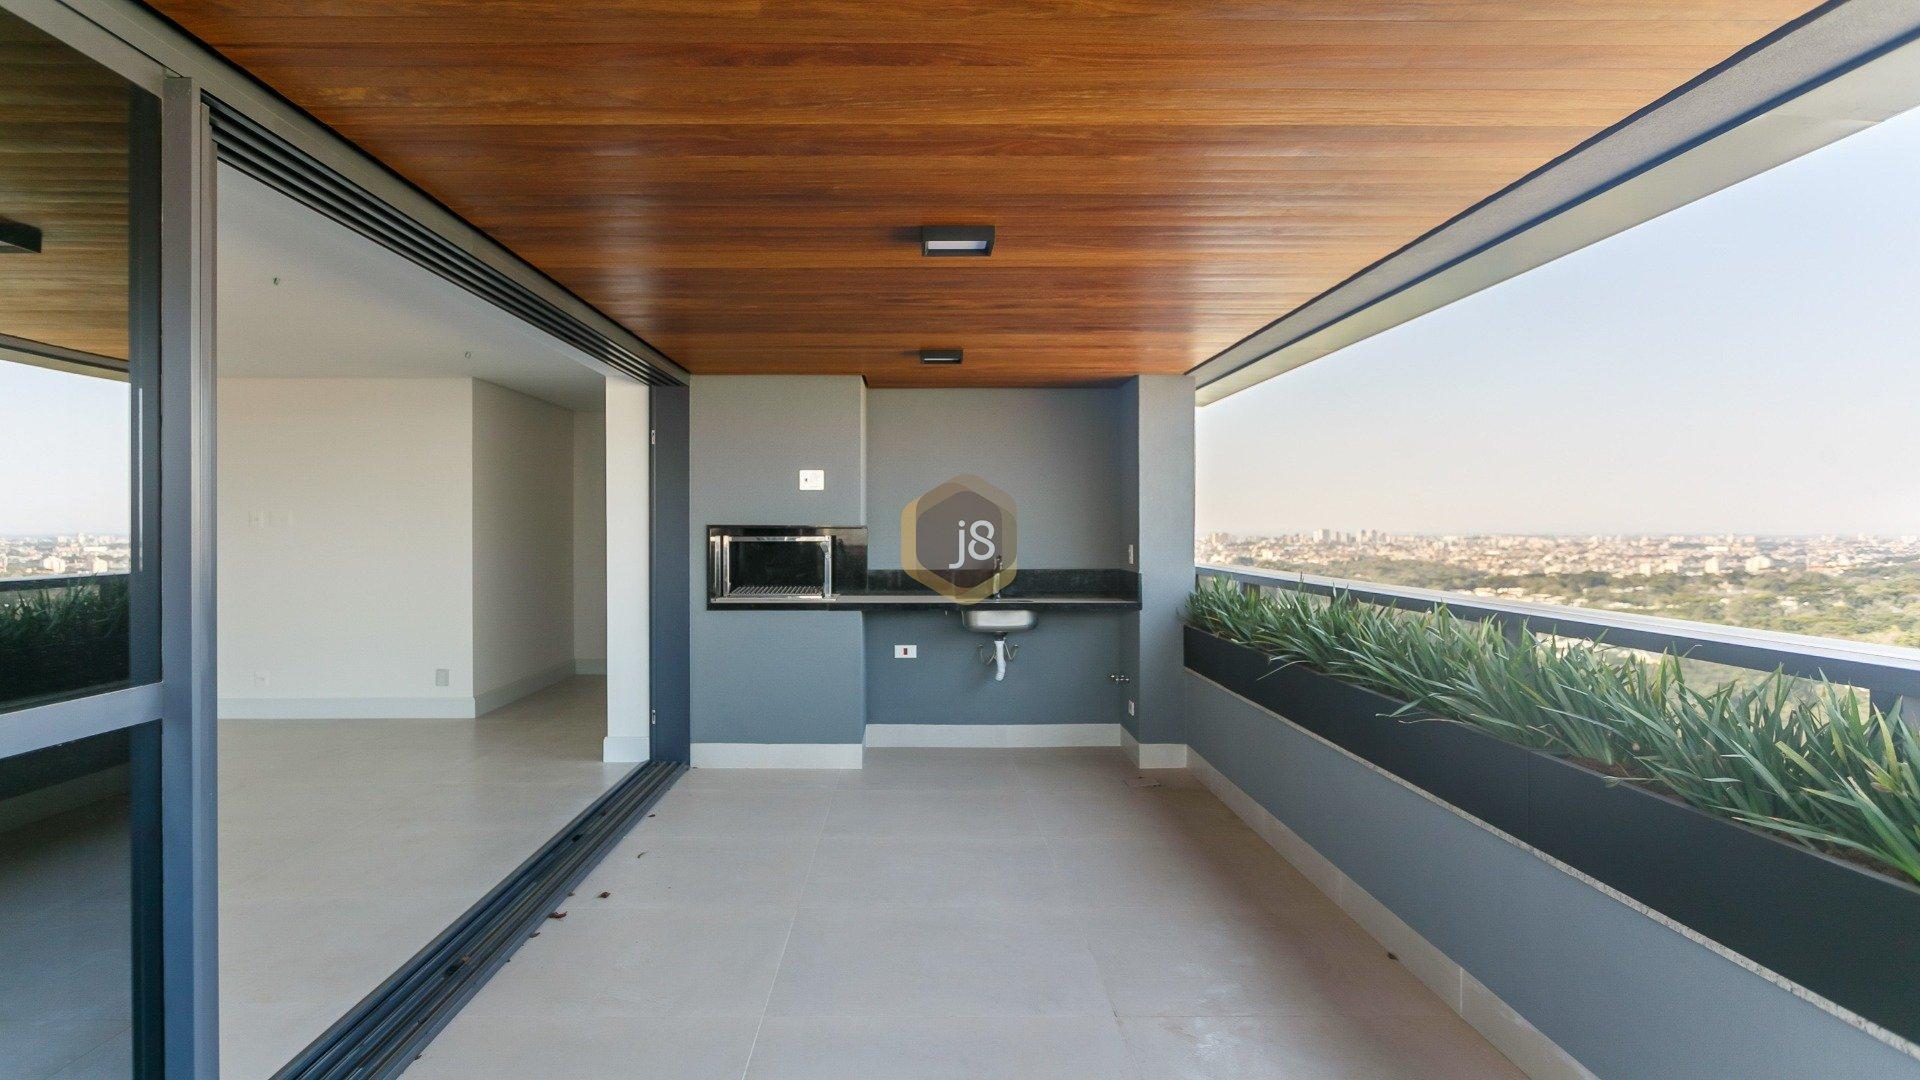 Foto de destaque Legend: more no 3º prédio mais alto de curitiba